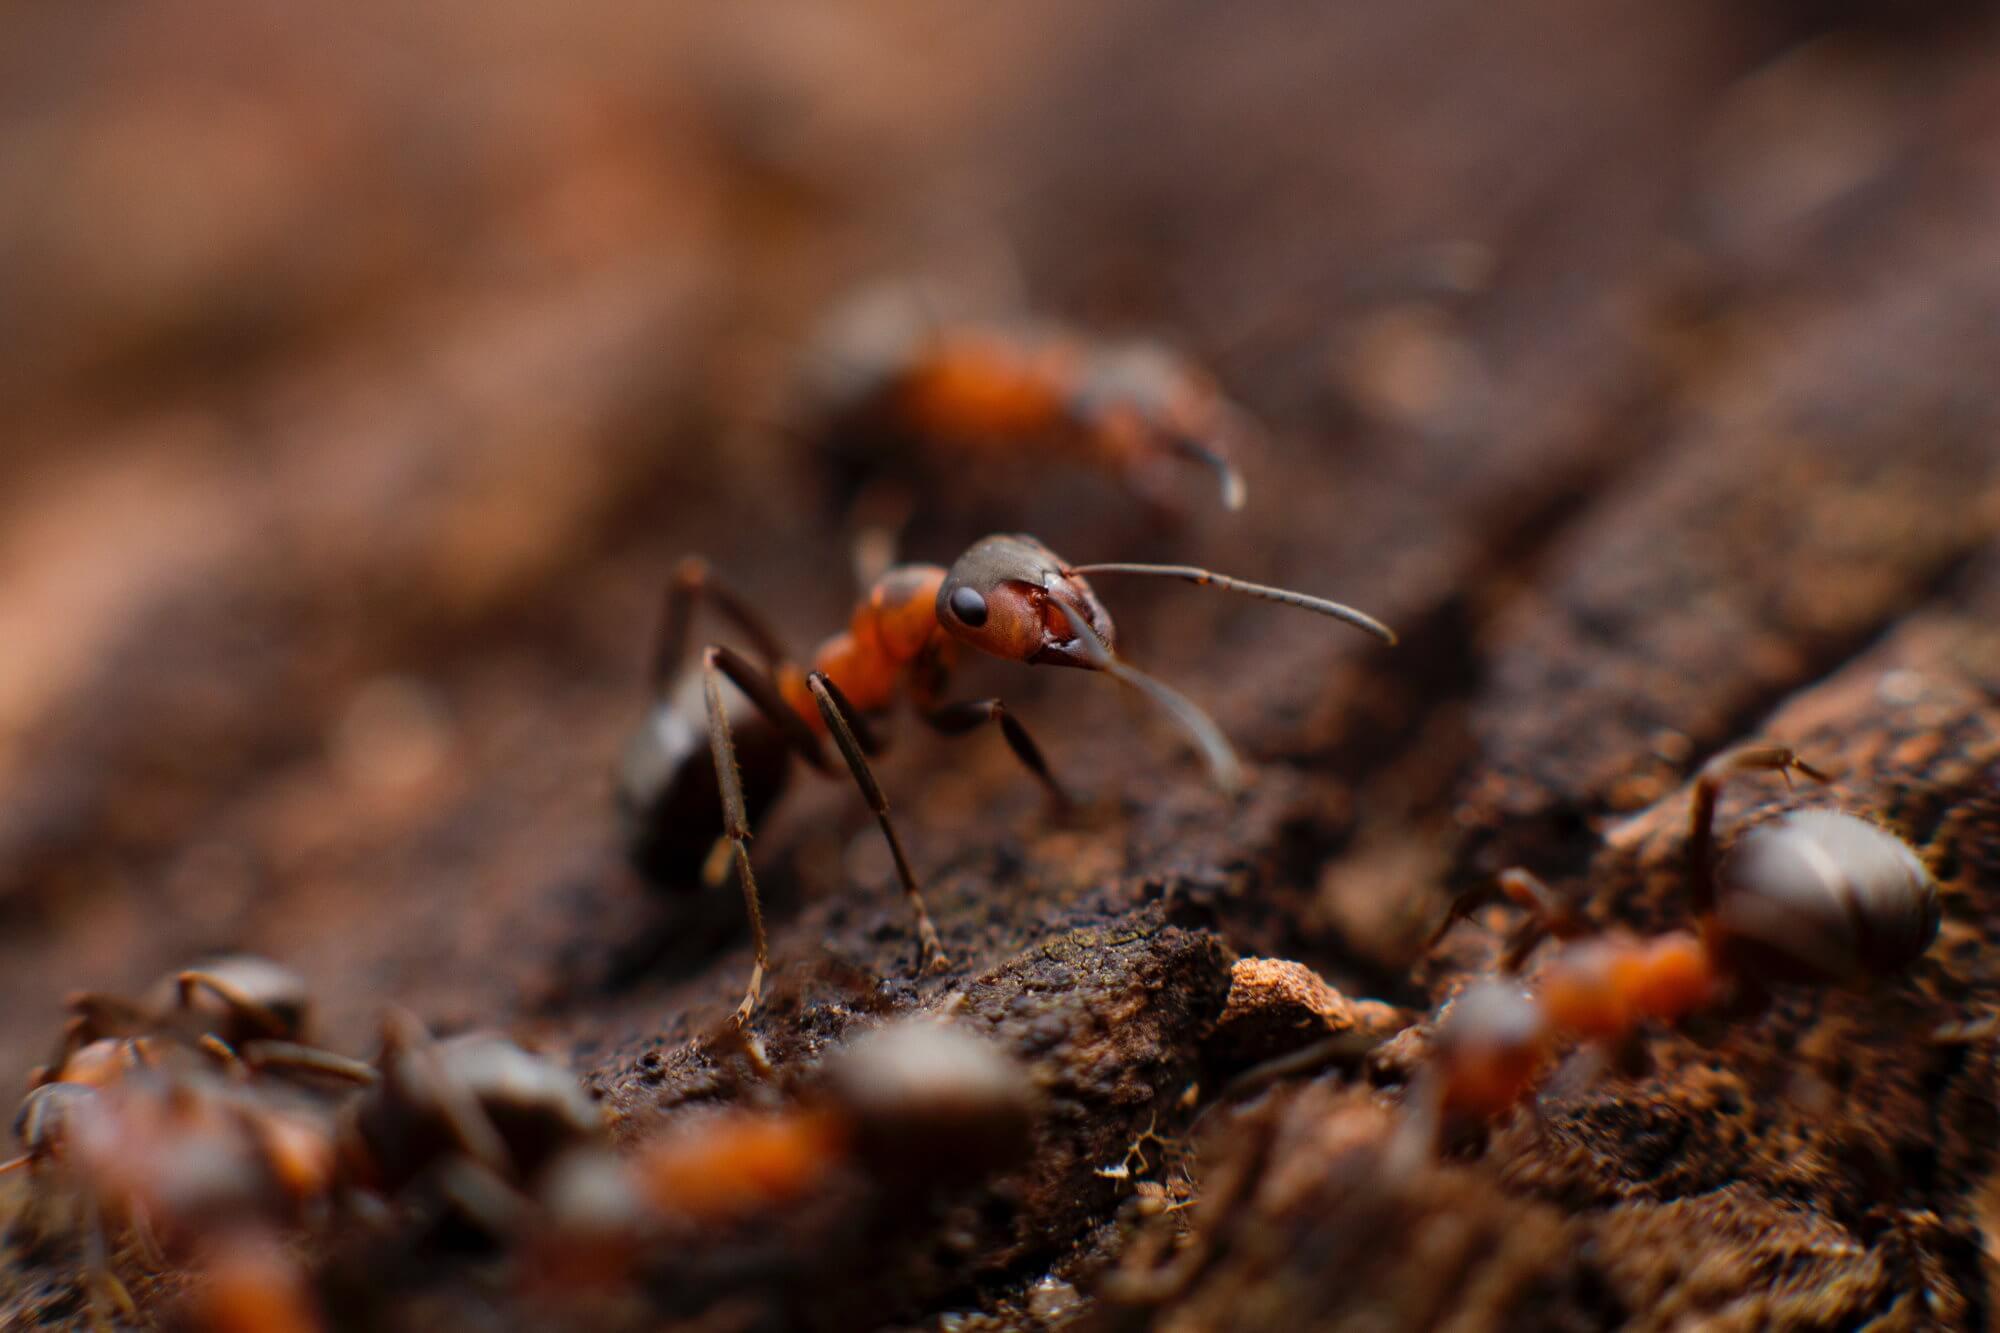 Какую скорость развивают самые быстрые муравьи в мире?